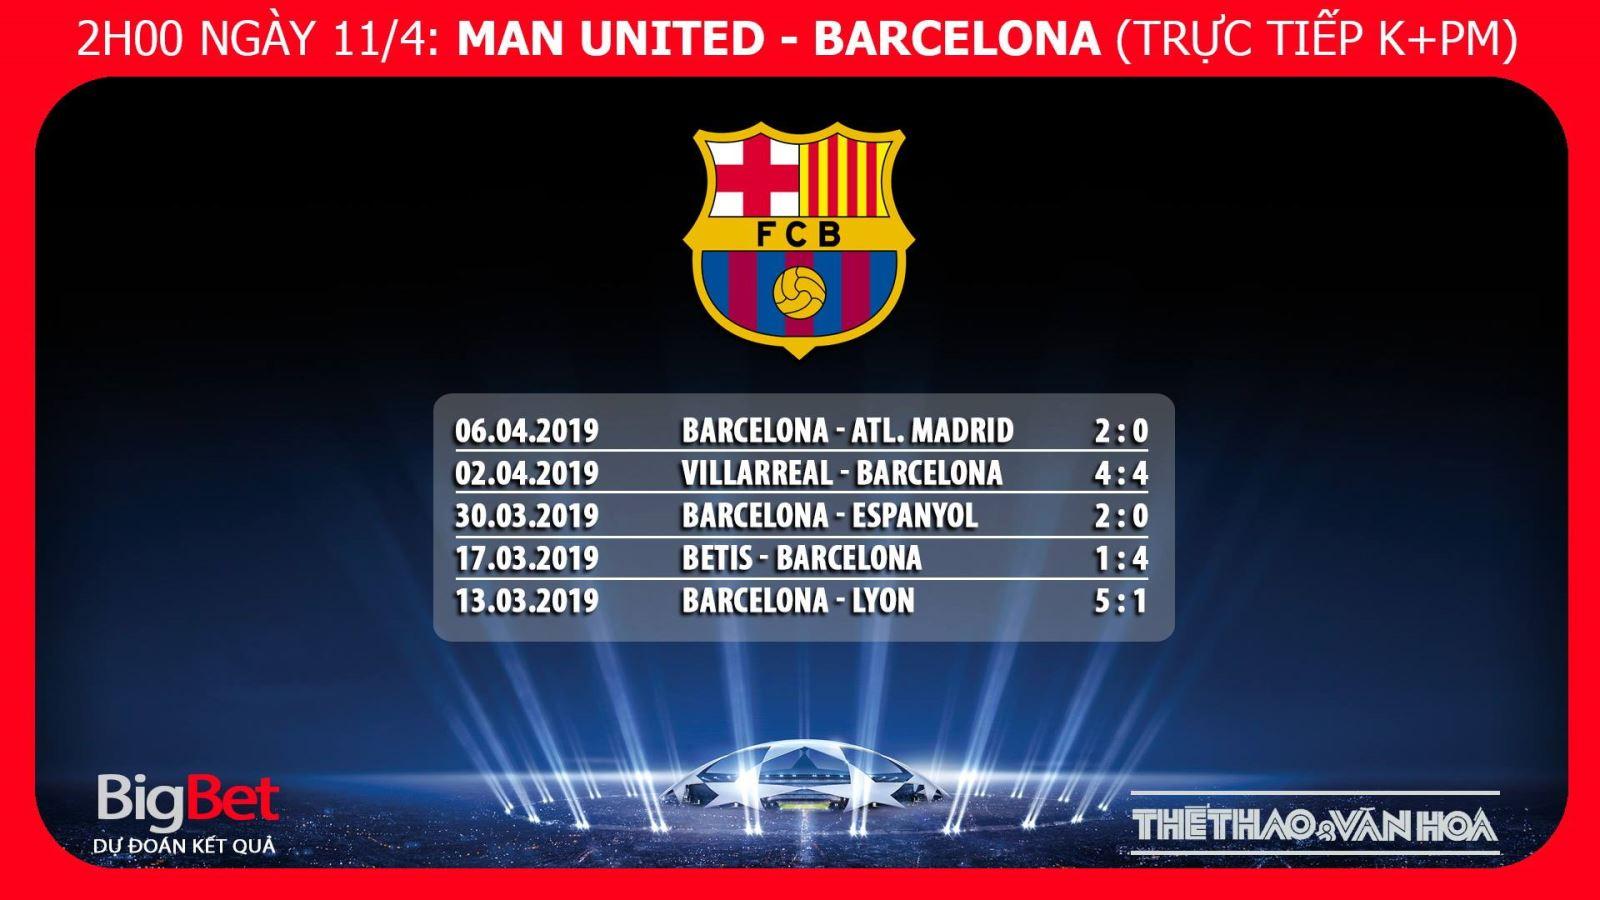 Kèo MU vs Barca, soi kèo MU vs Barca, kèo MU vs Barcelona, soi kèo Barca vs MU, kèo bóng đá, dự đoán bóng đá, nhận định MU vs Barca, tỉ lệ cược MU vs Barca, kèo MU, kèo Barca